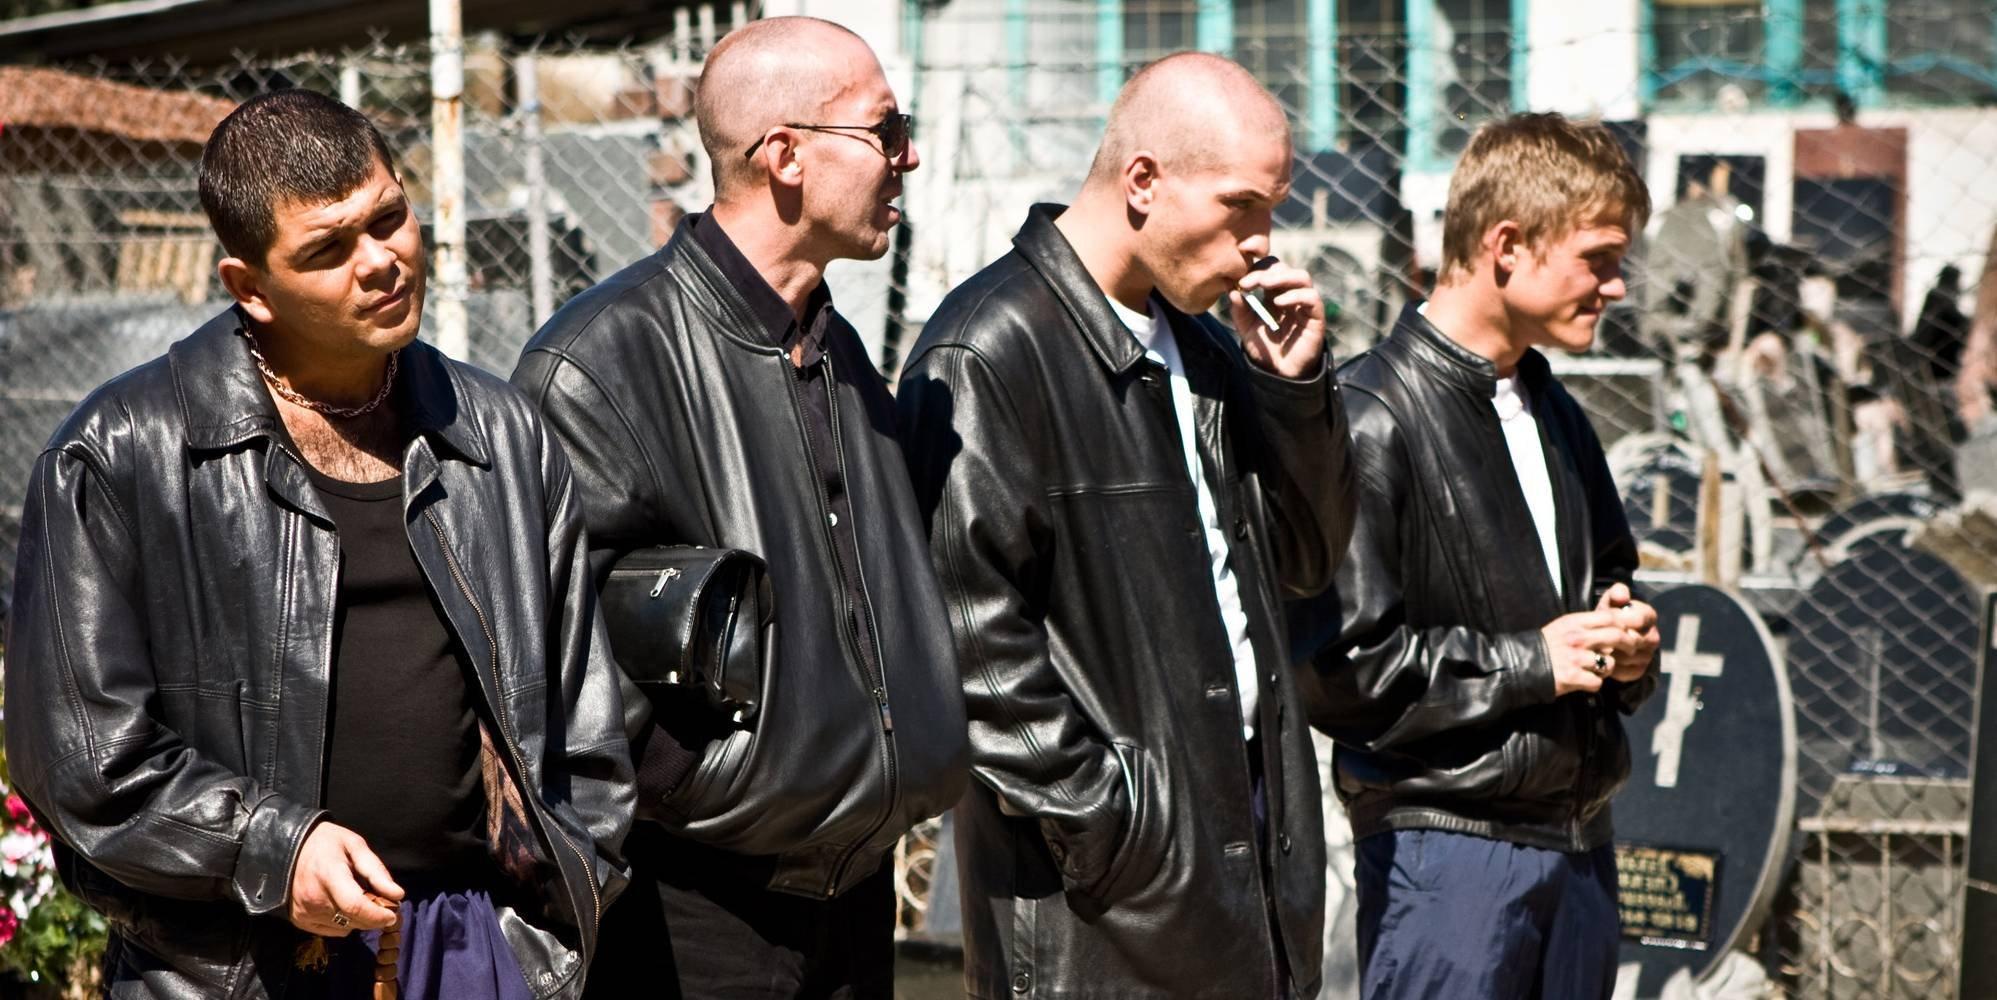 ОПГ «Пожарники» — короли криминального Иркутска